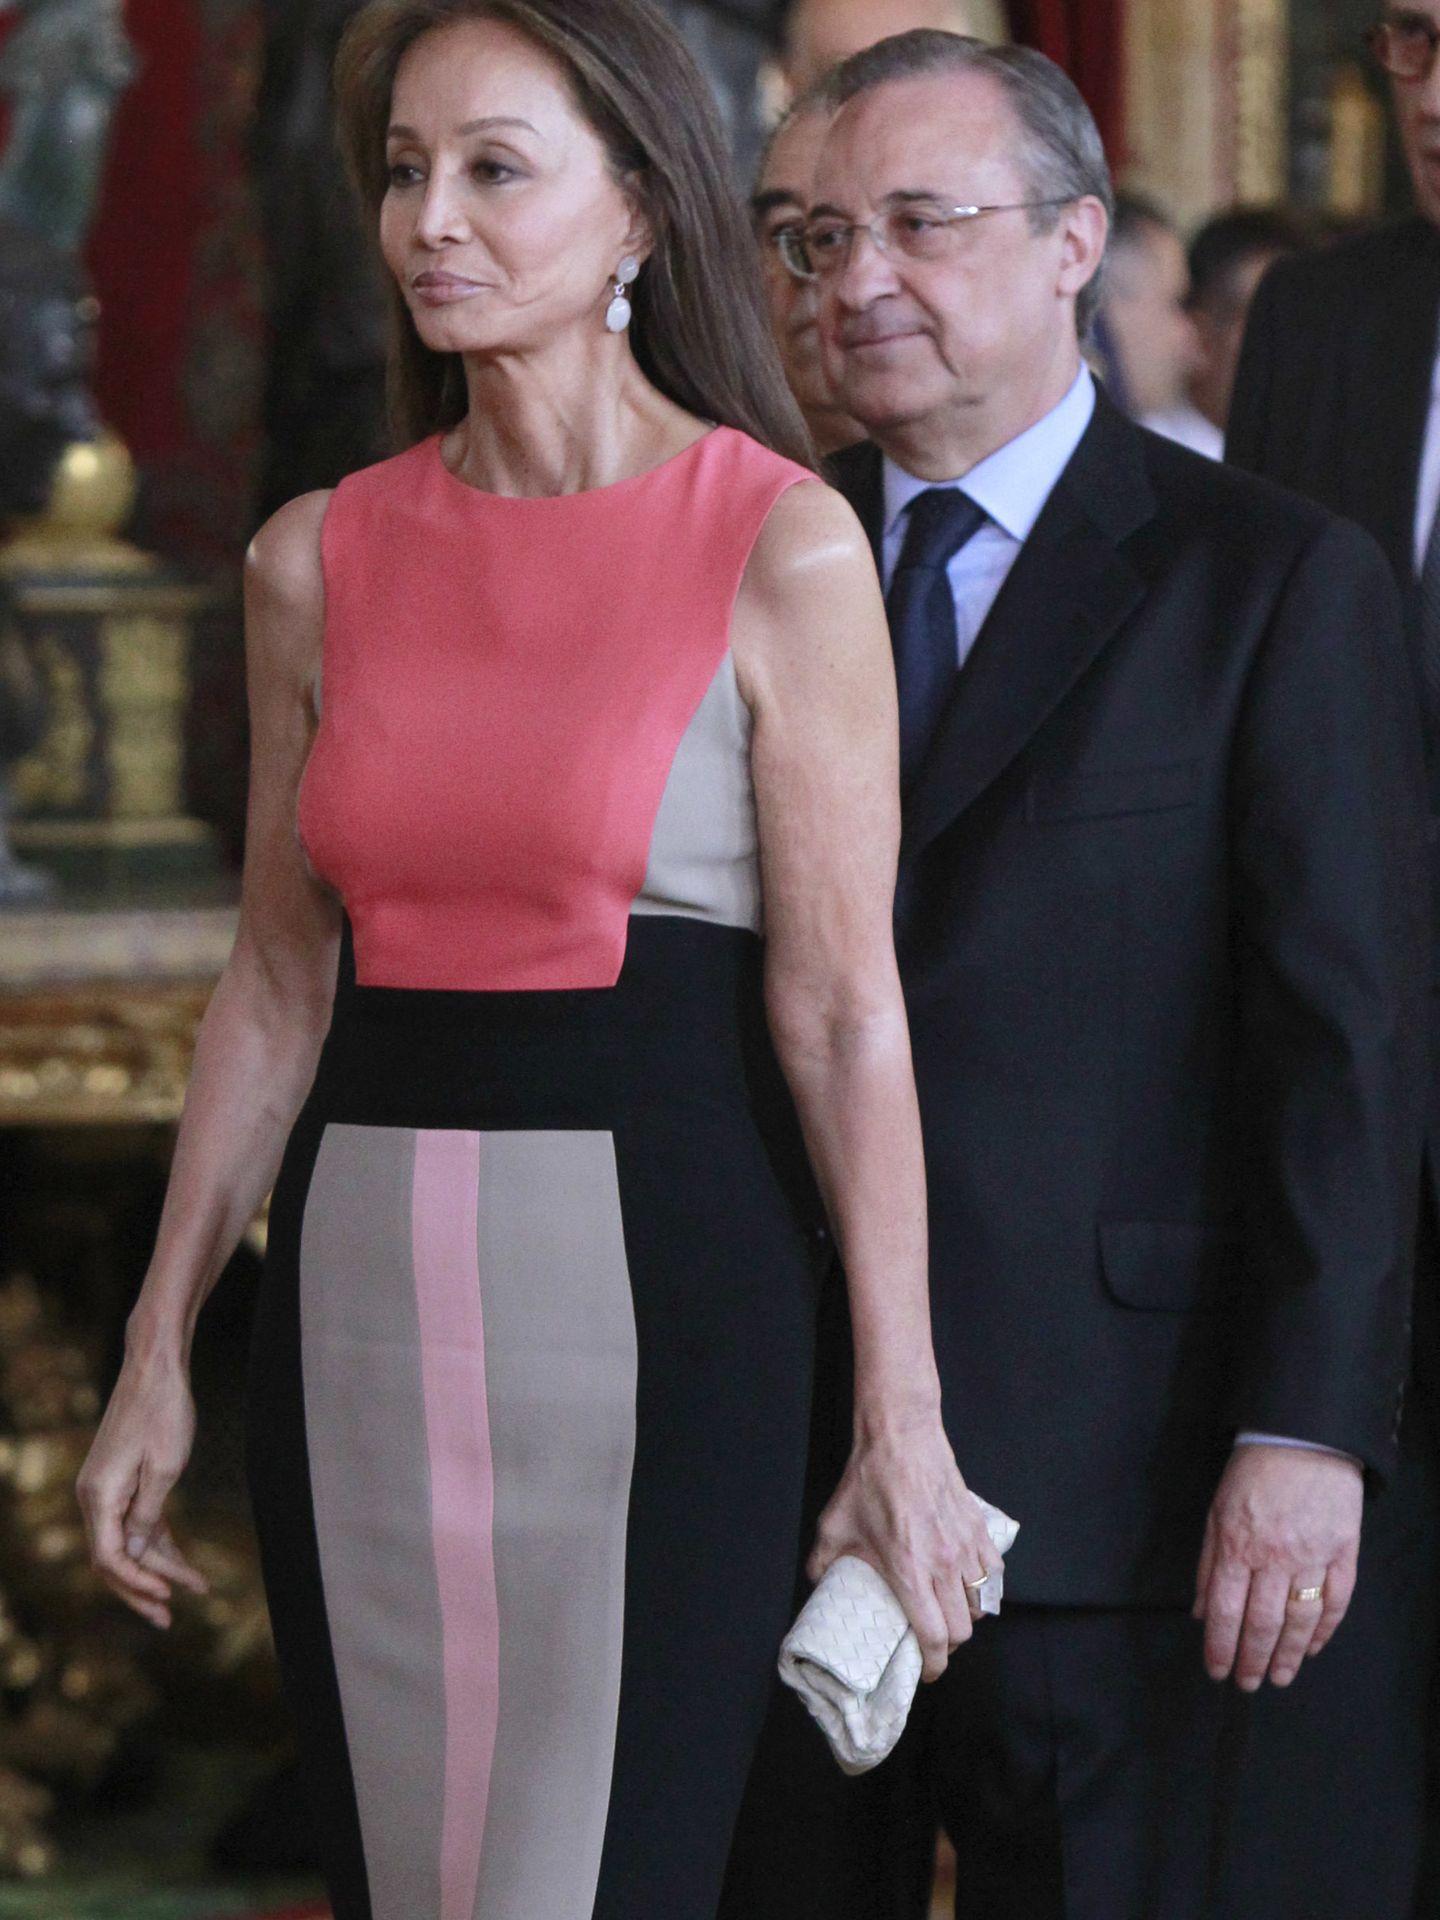 Florentino Pérez e Isabel Preysler en el Palacio Real (Gtres)